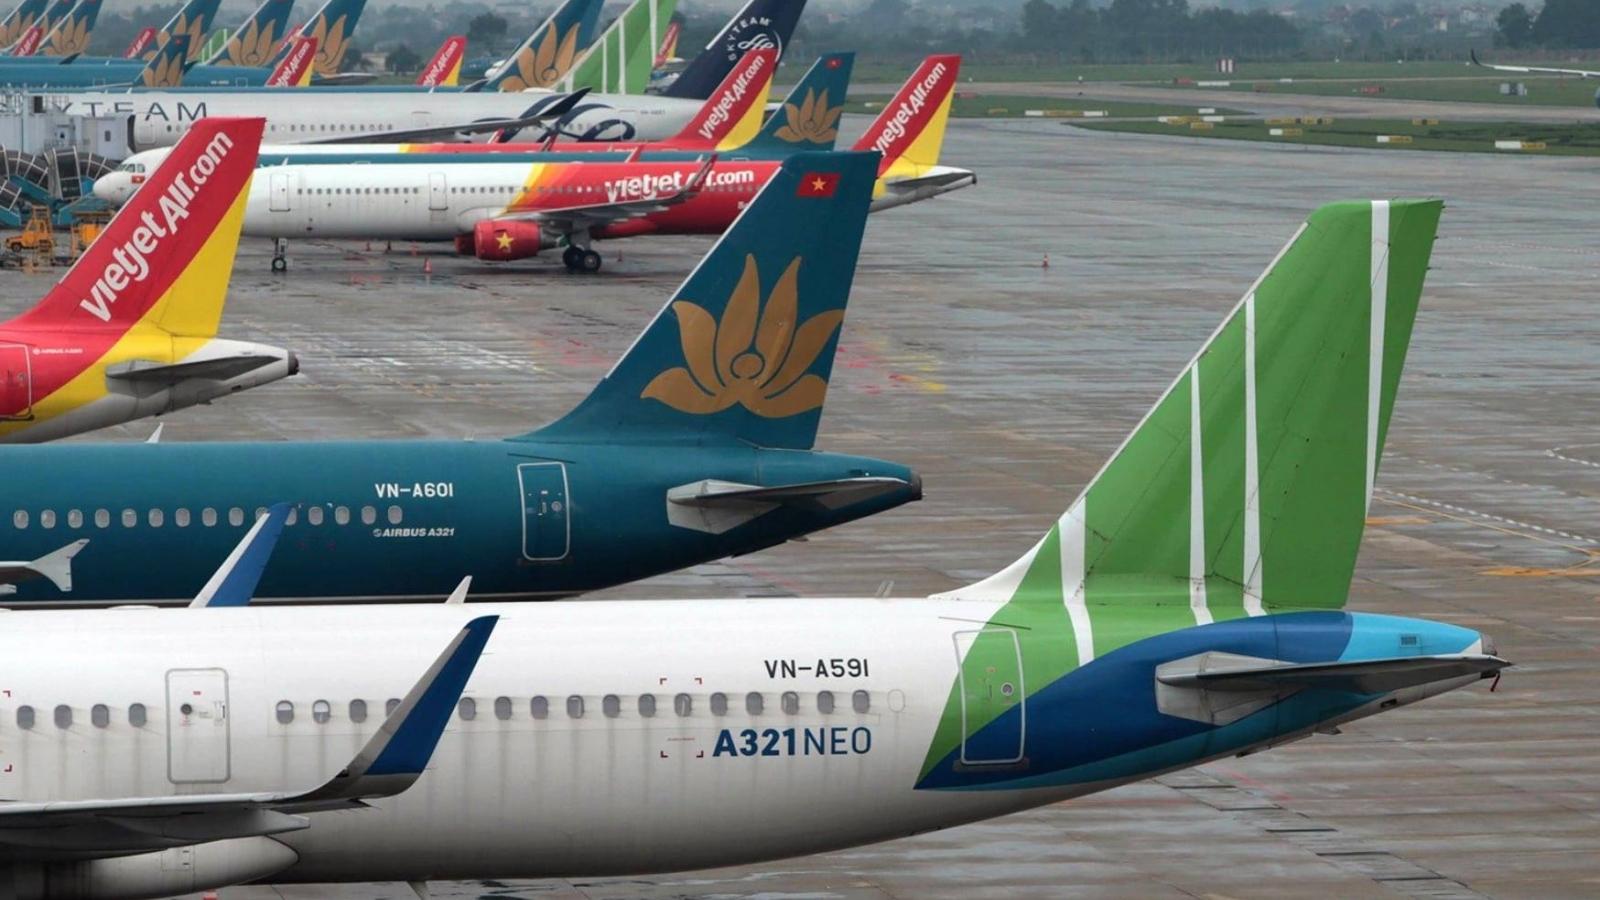 Bộ GTVT yêu cầu cắt giảm chuyến bay Hà Nội - TP. HCM còn 2 chuyến/ngày